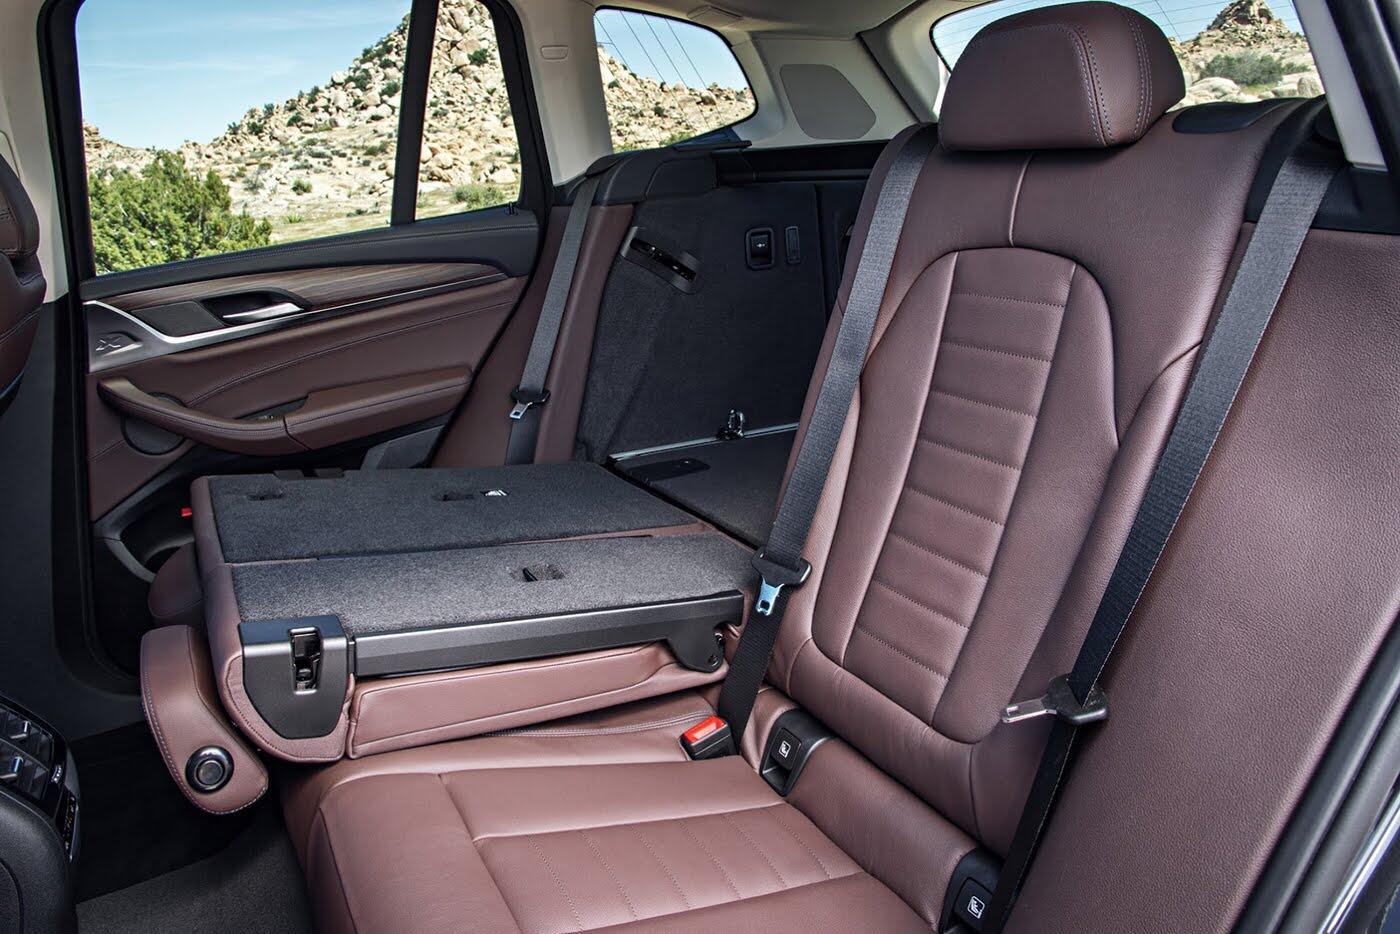 Ảnh chi tiết BMW X3 2018 hoàn toàn mới - Hình 37